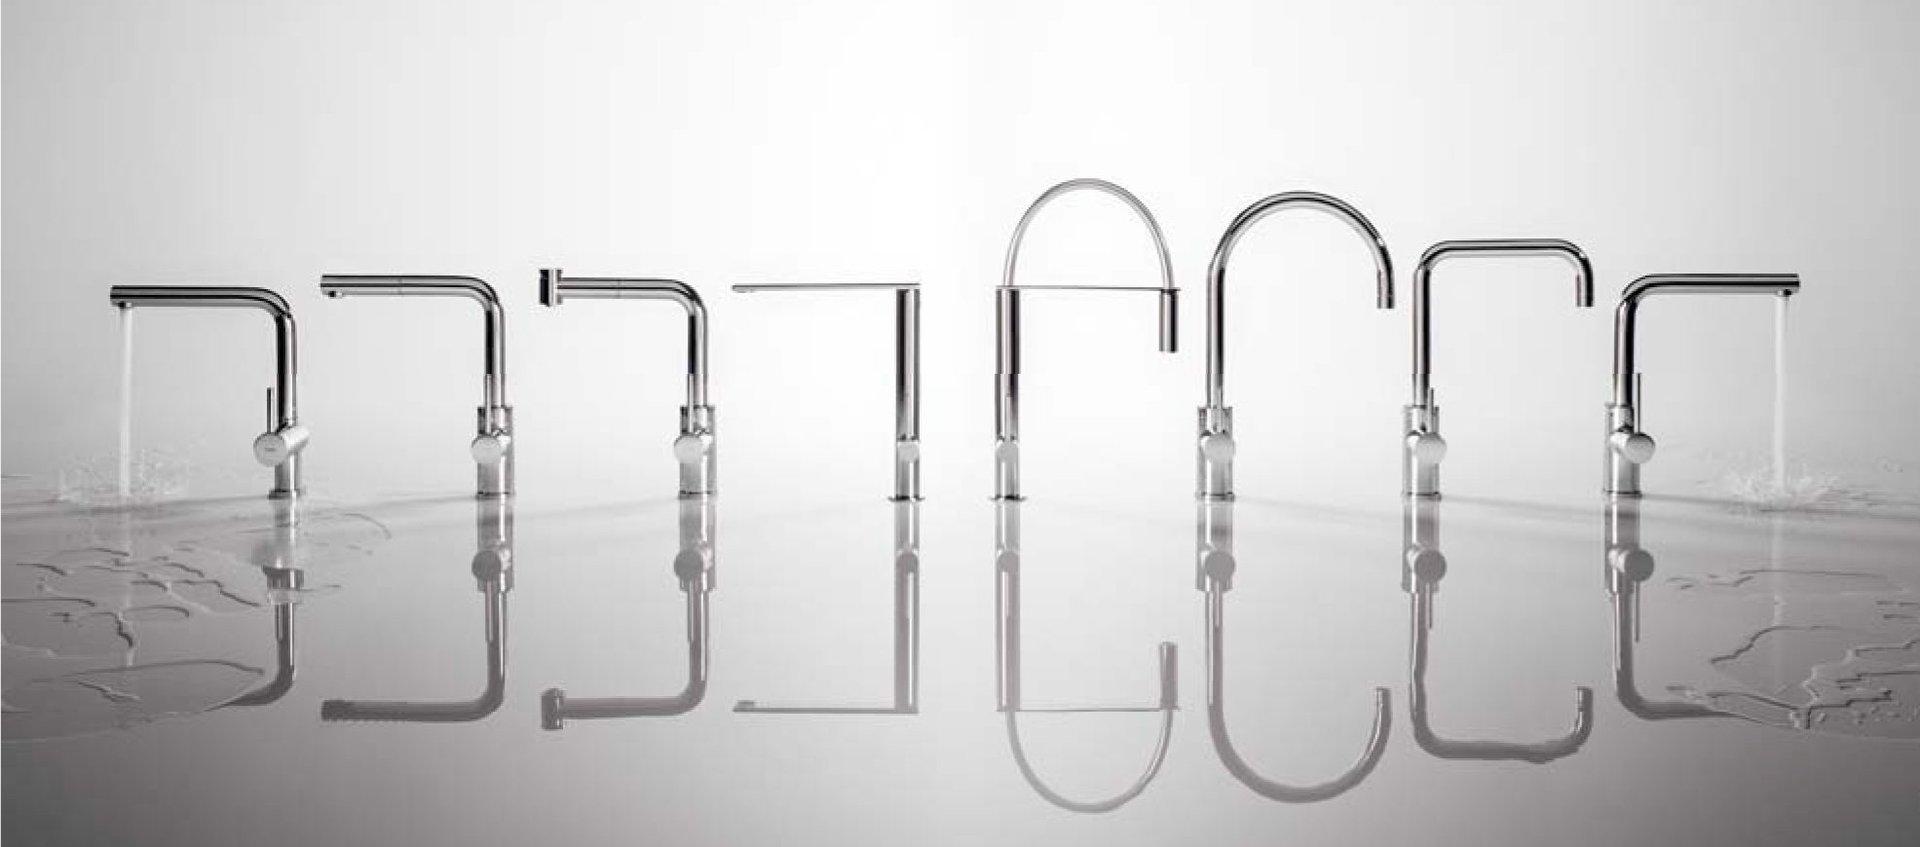 rubinetto scorre acqua in diversi posa